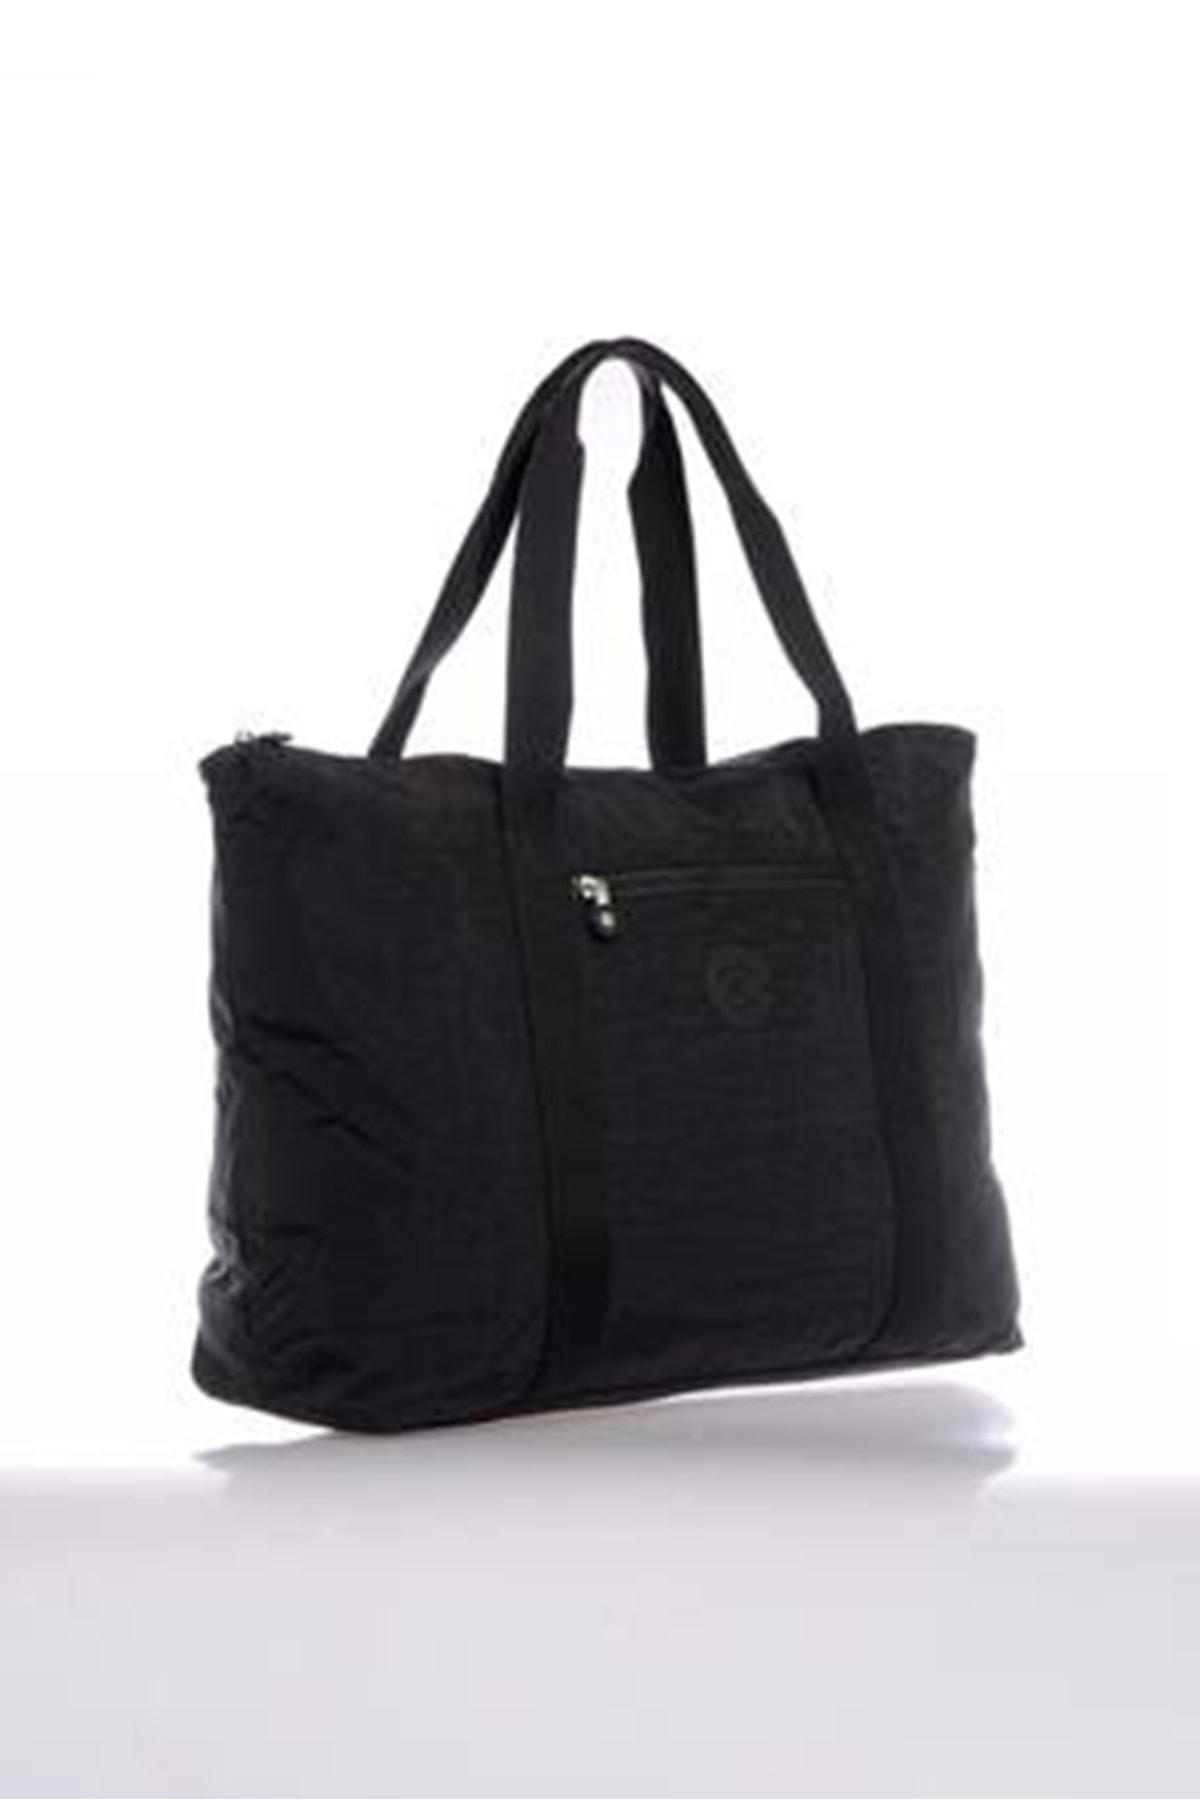 SMART BAGS Kadın Siyah Büyük Boy Çanta 3041 2